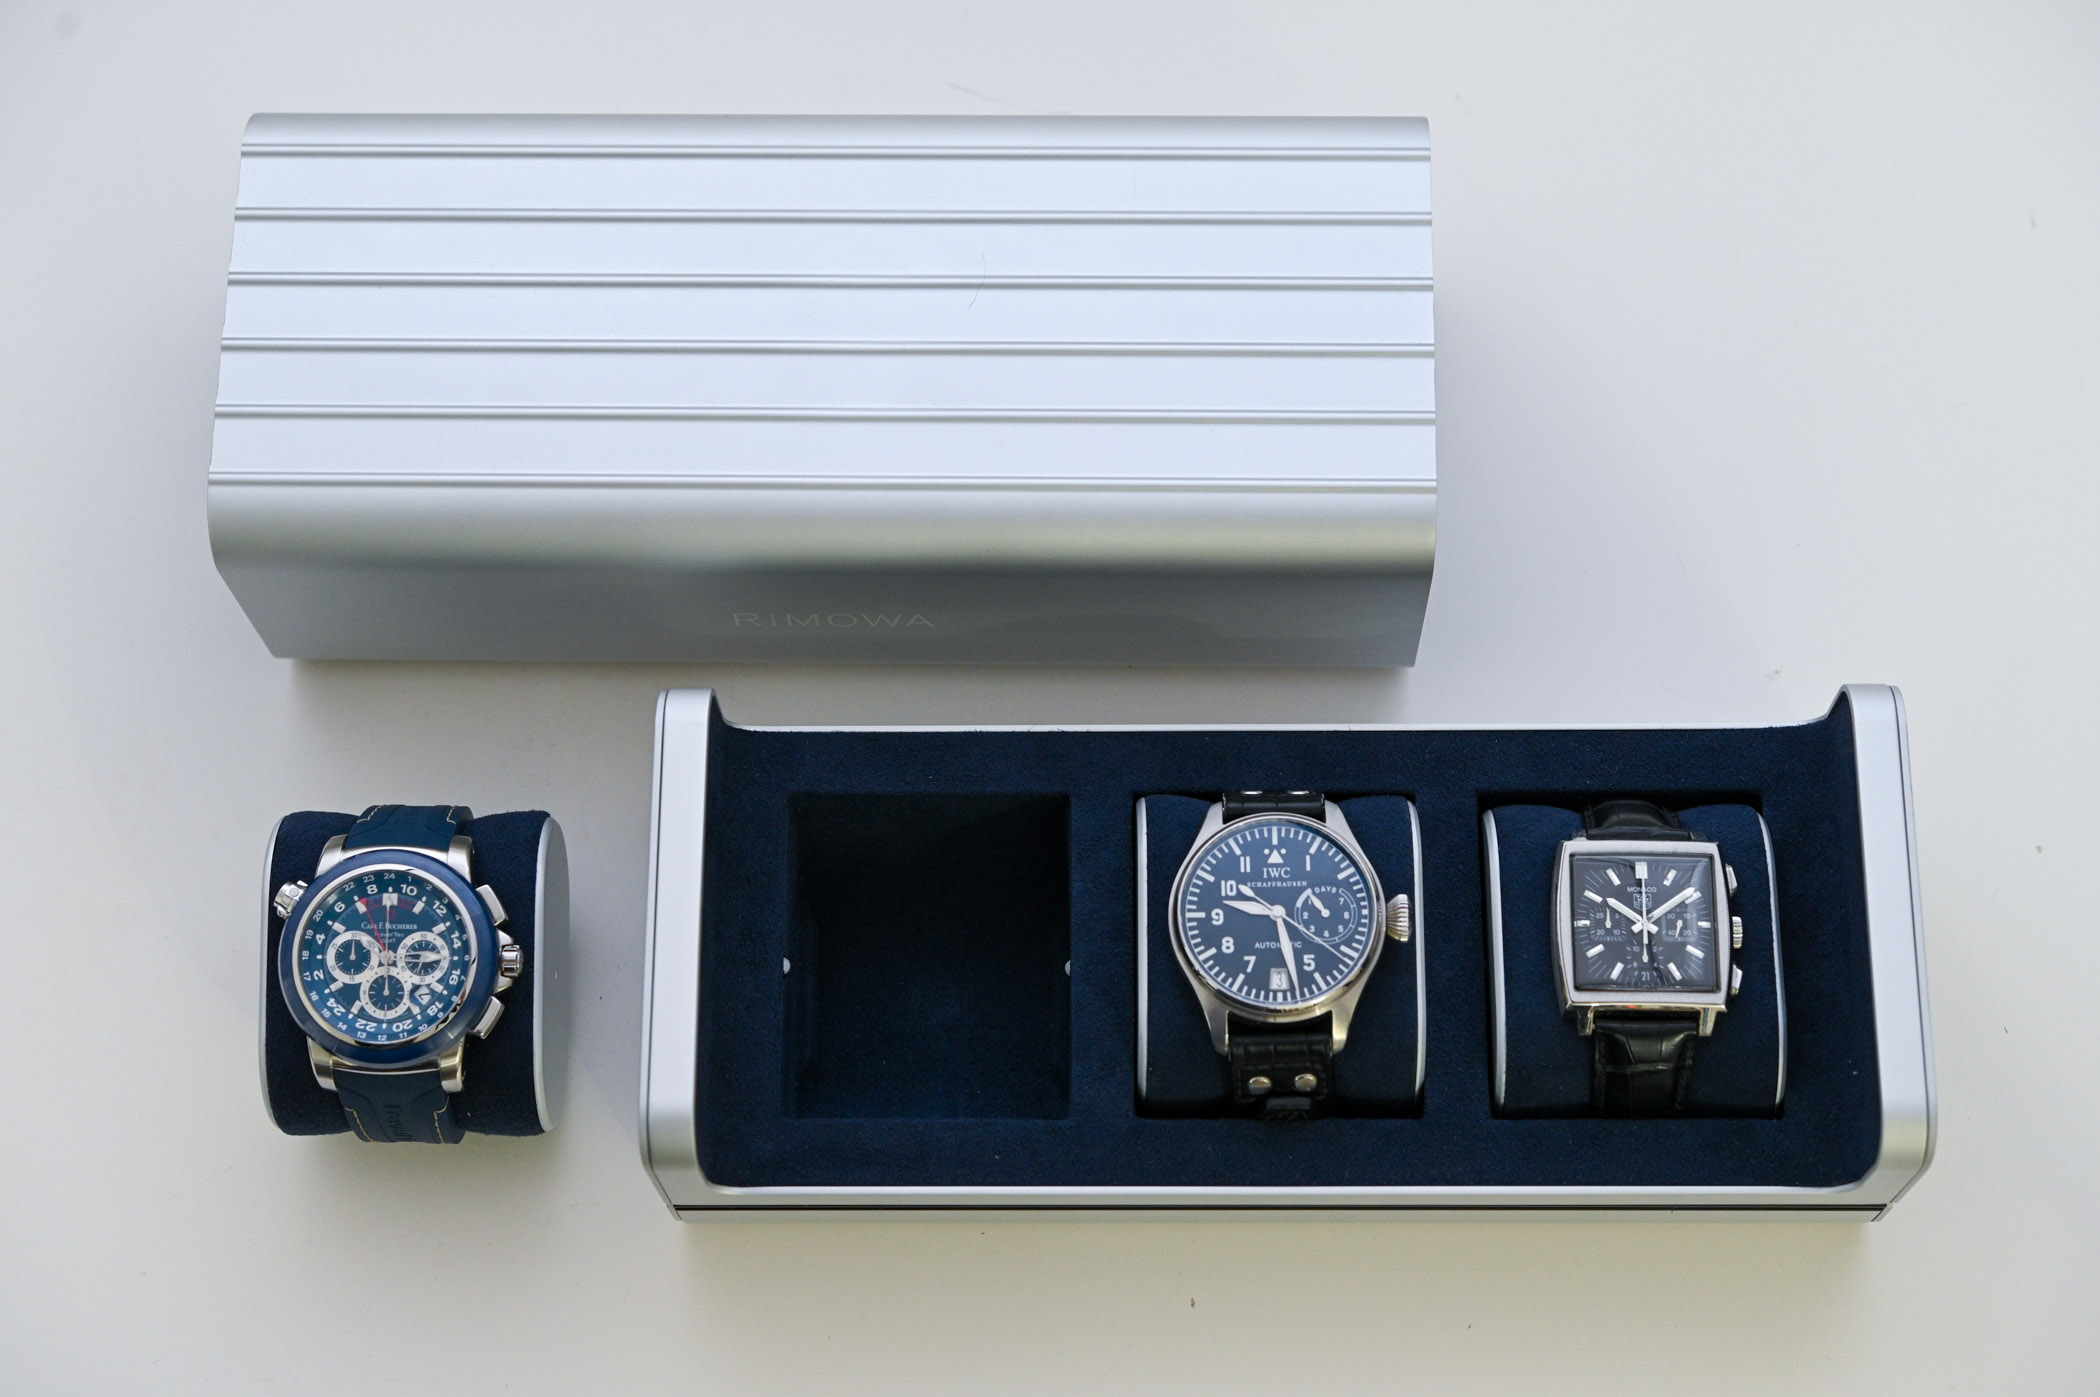 rimowa watch box-7815